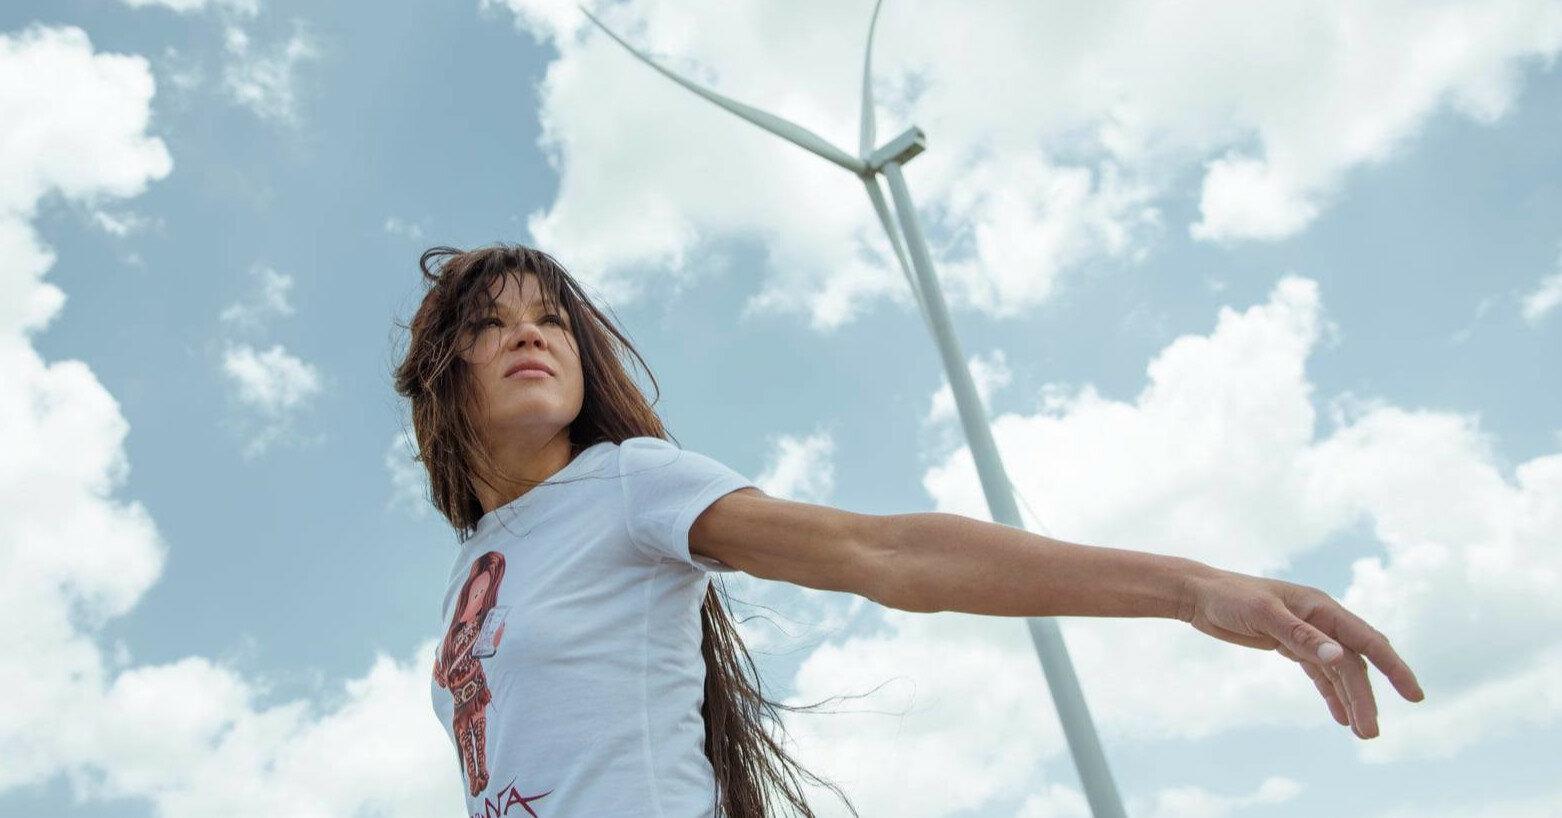 Руслана показала свою стройную фигуру в летнем образе